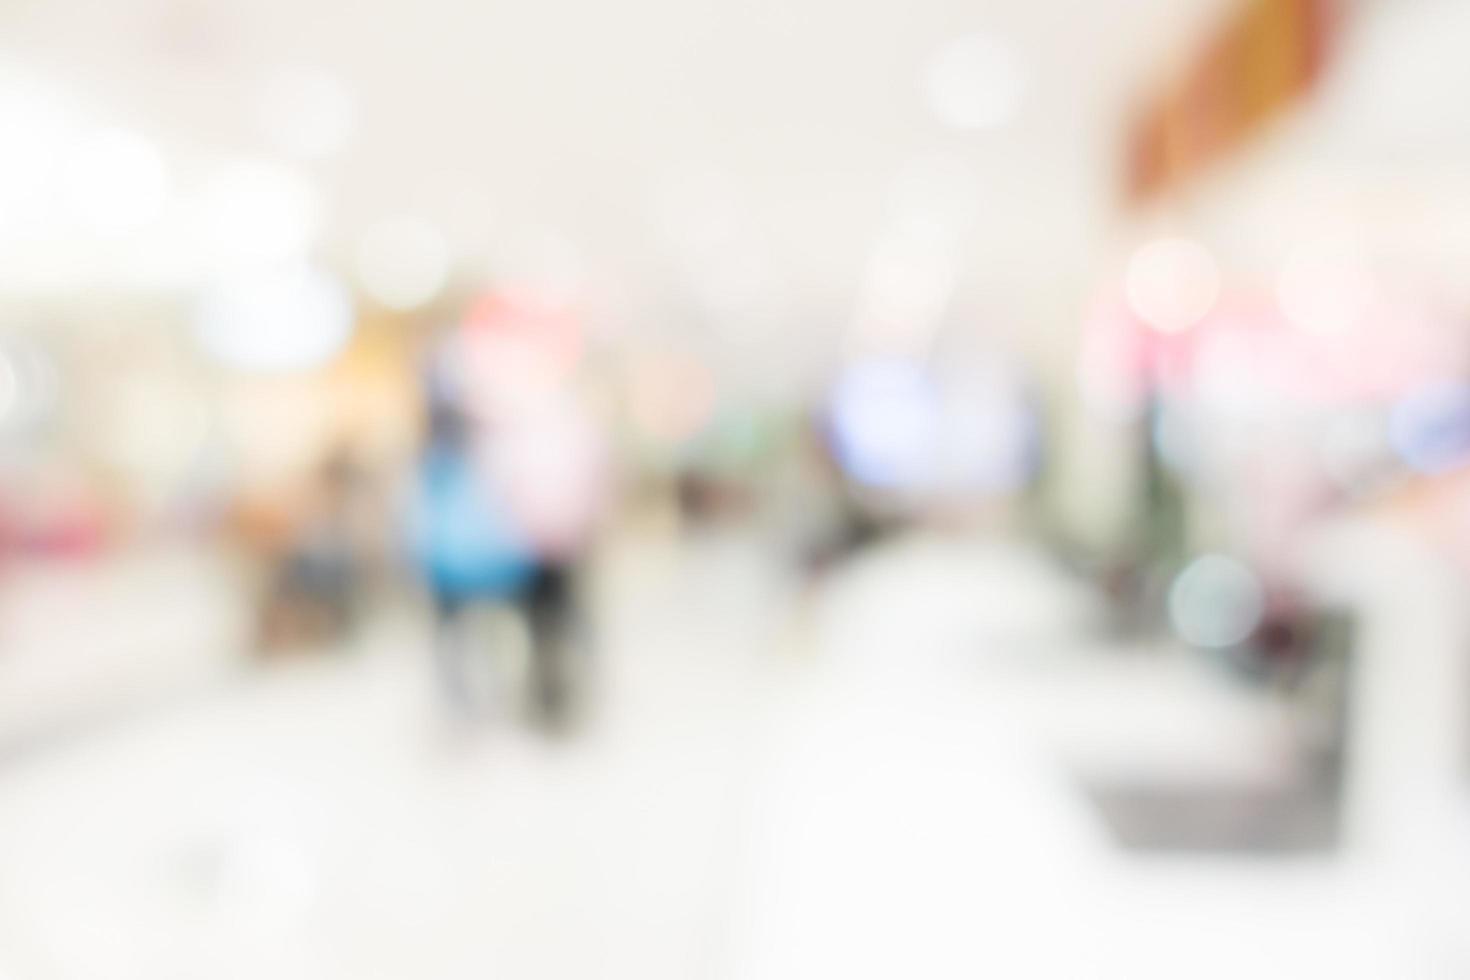 brouiller l'intérieur de l'hôpital et de la clinique photo